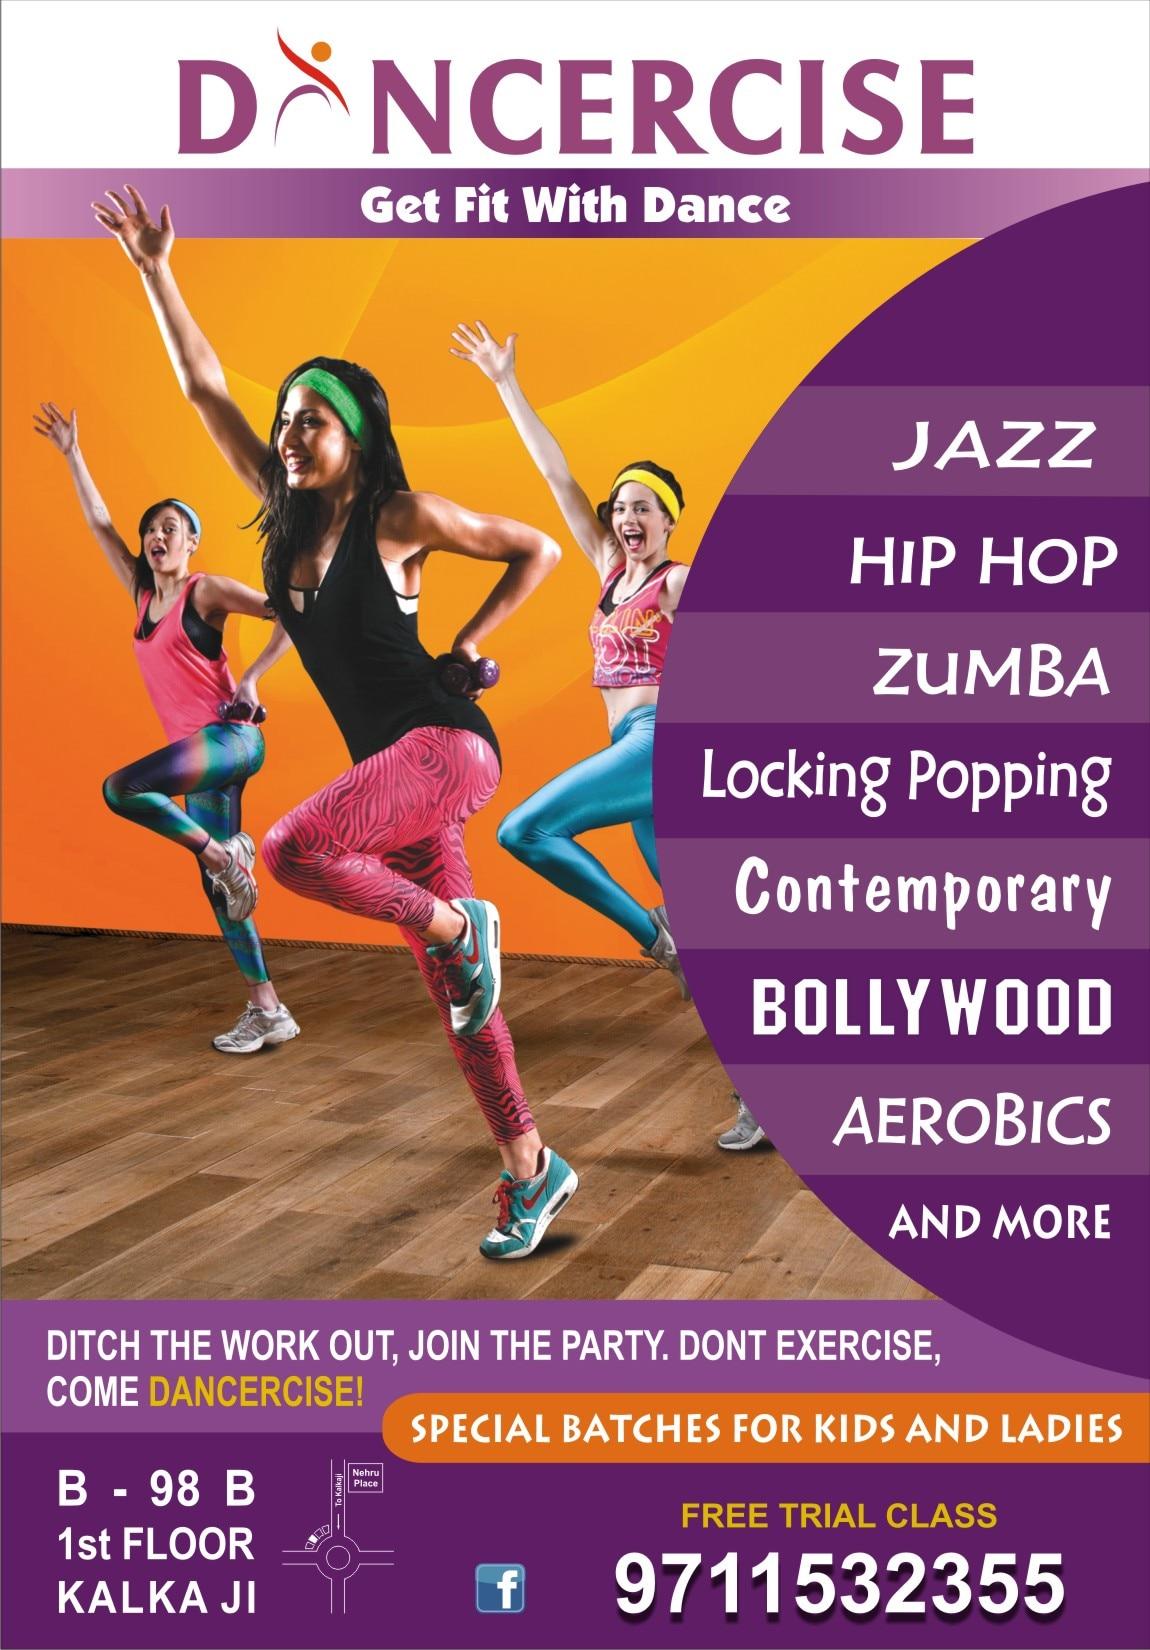 Dancercise +919711532355